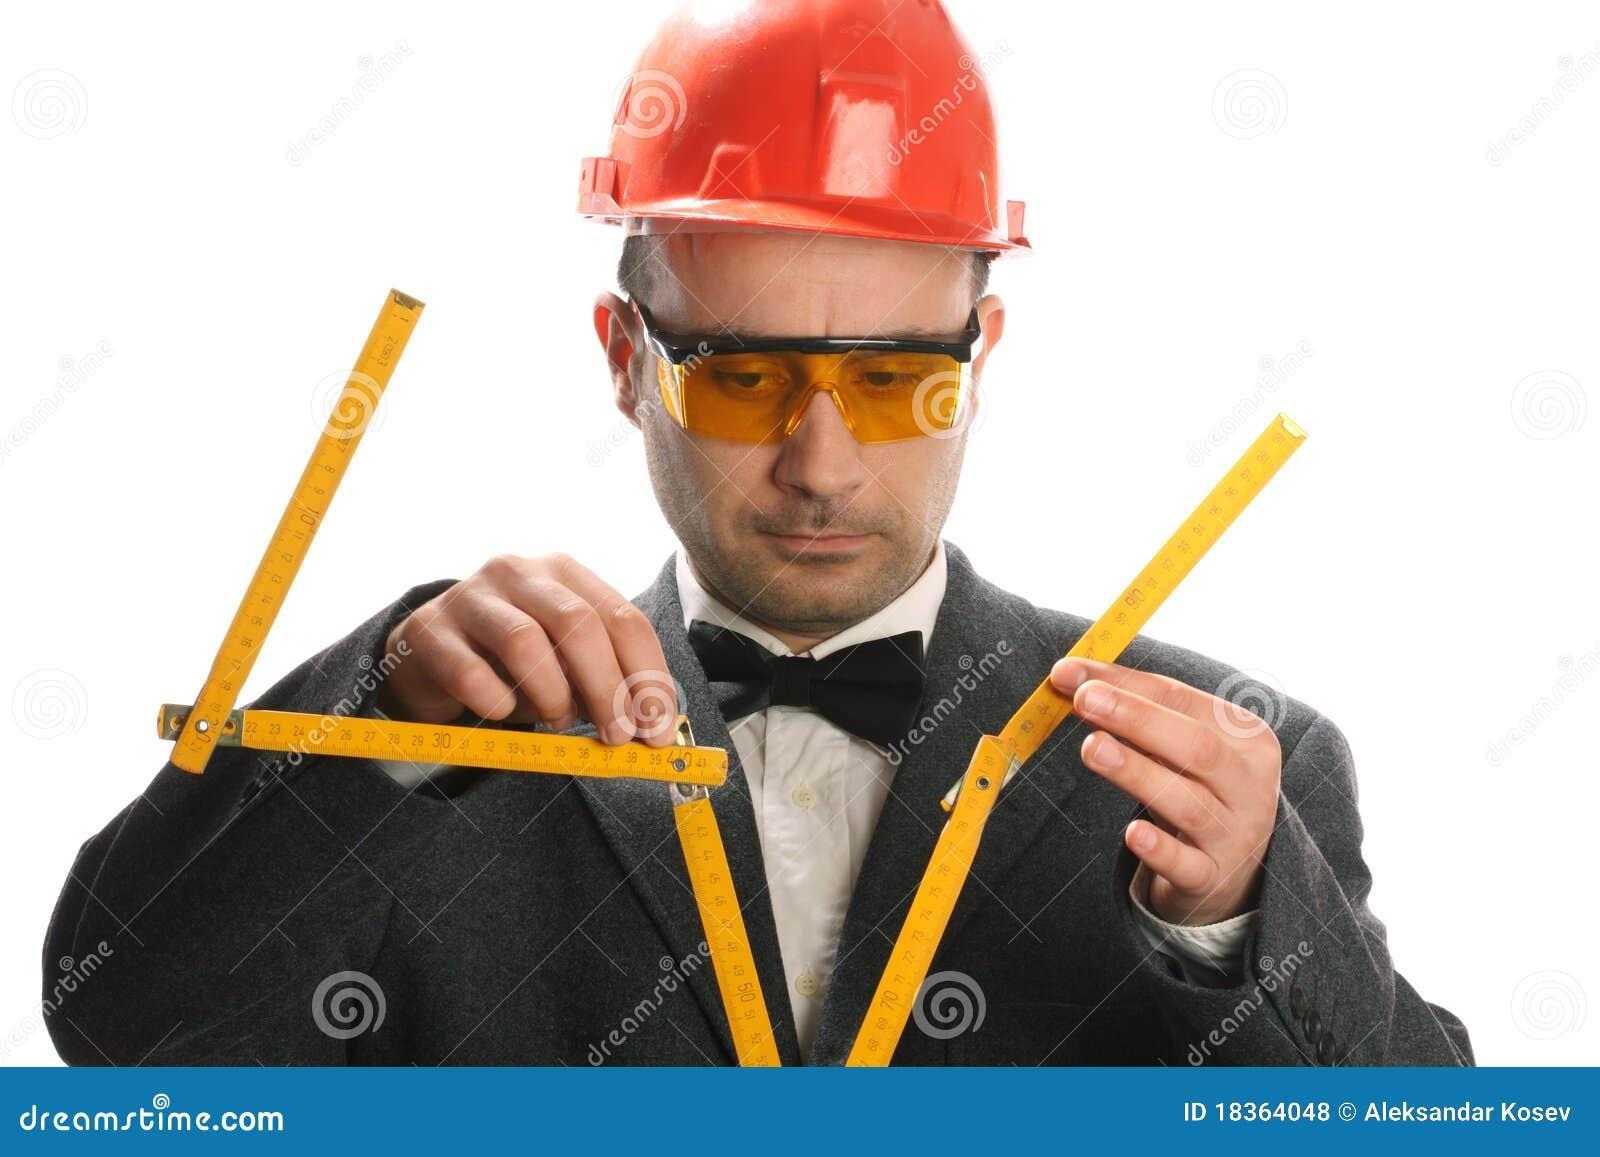 Stupid engineer